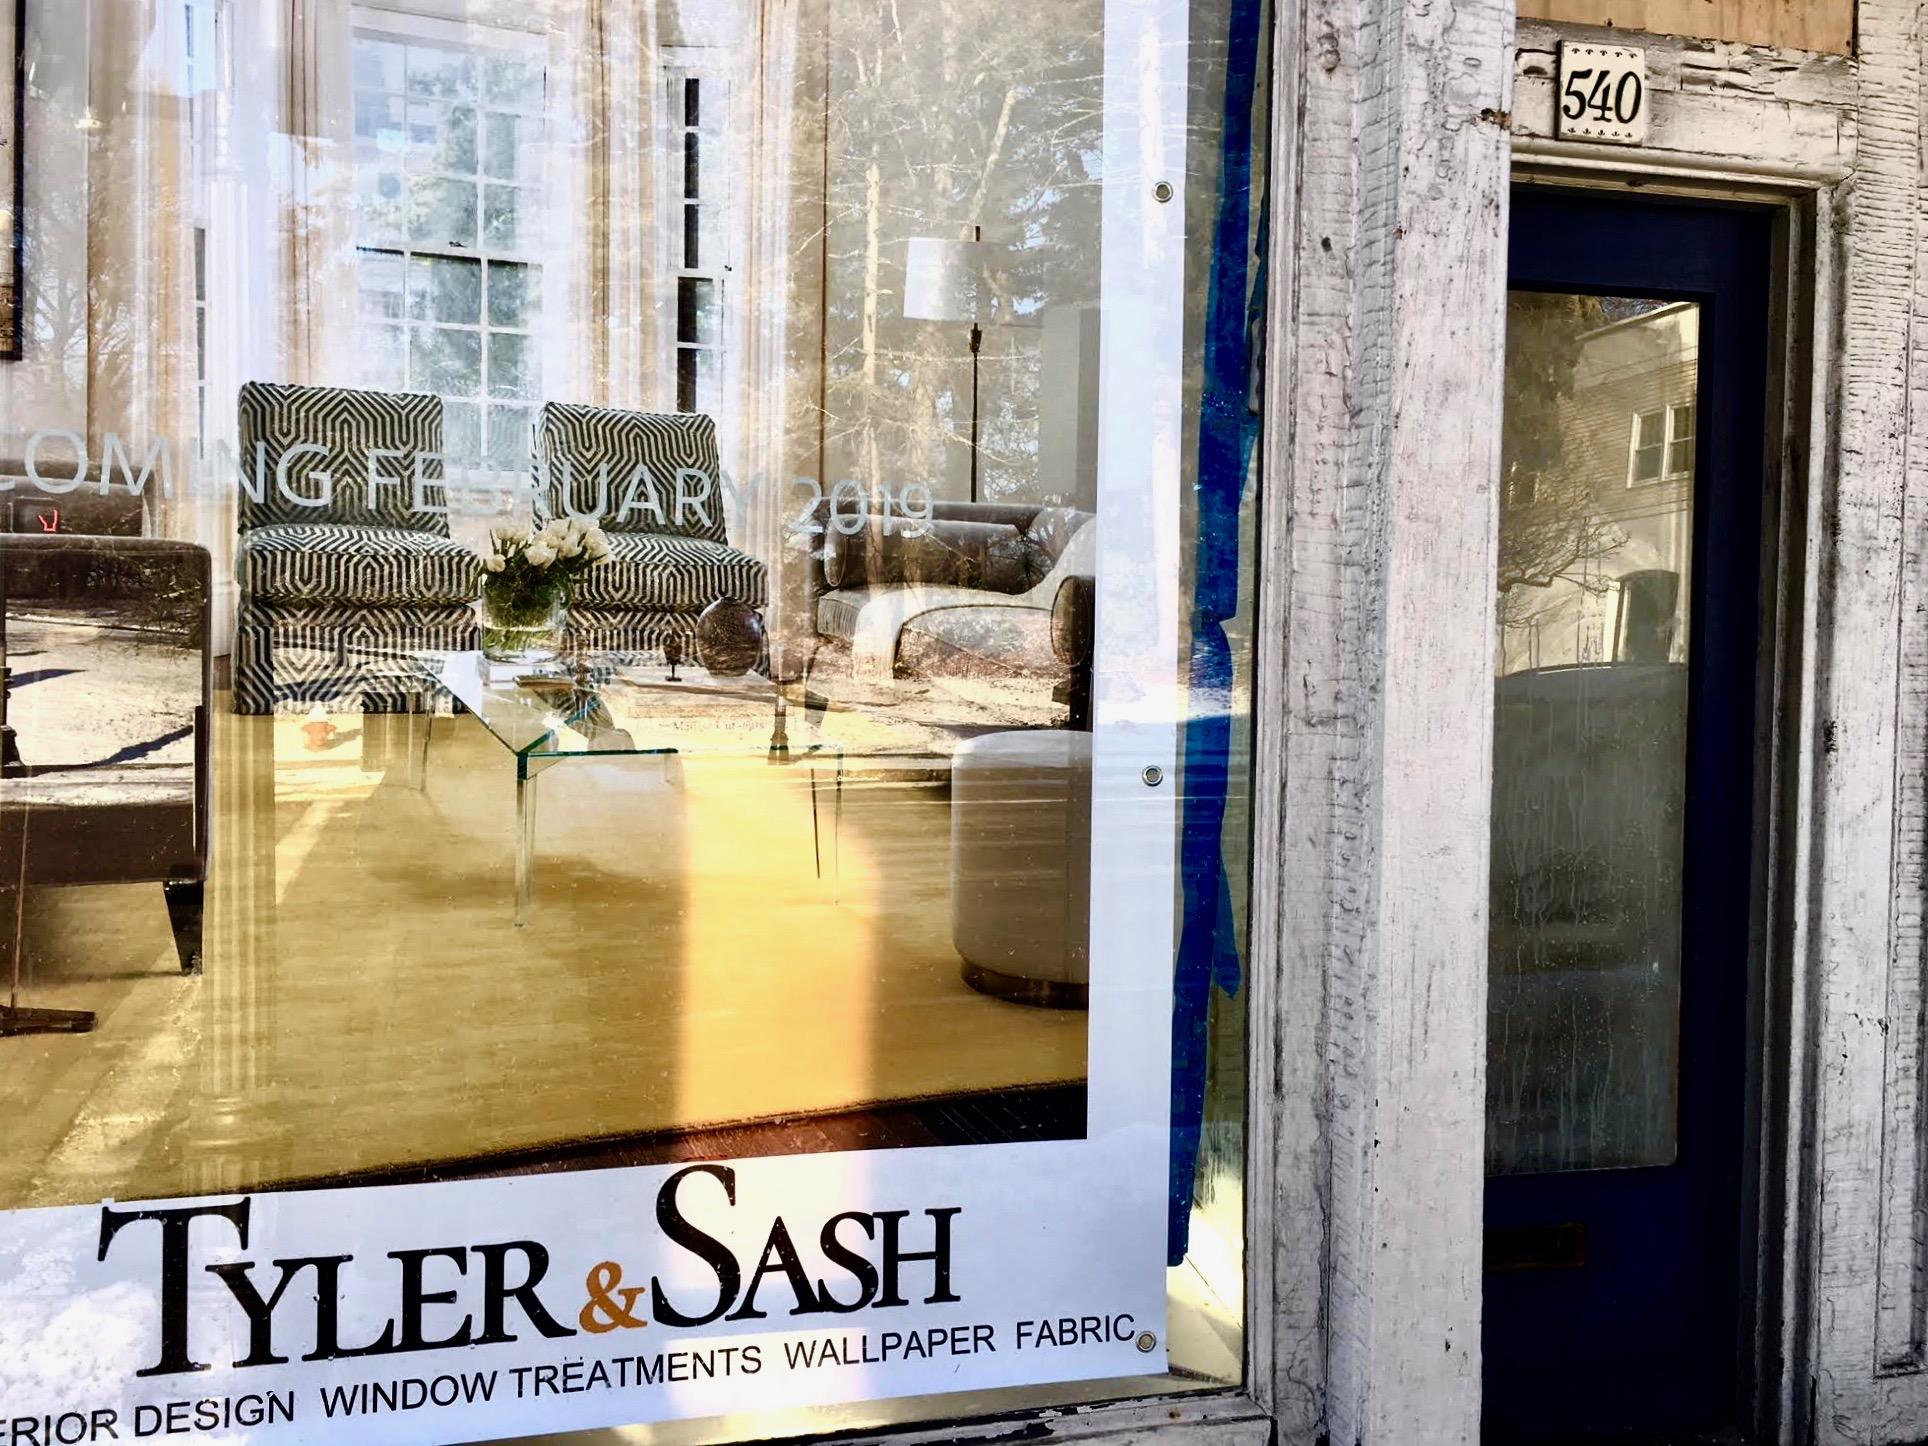 Tyler & Sash, Wellesley